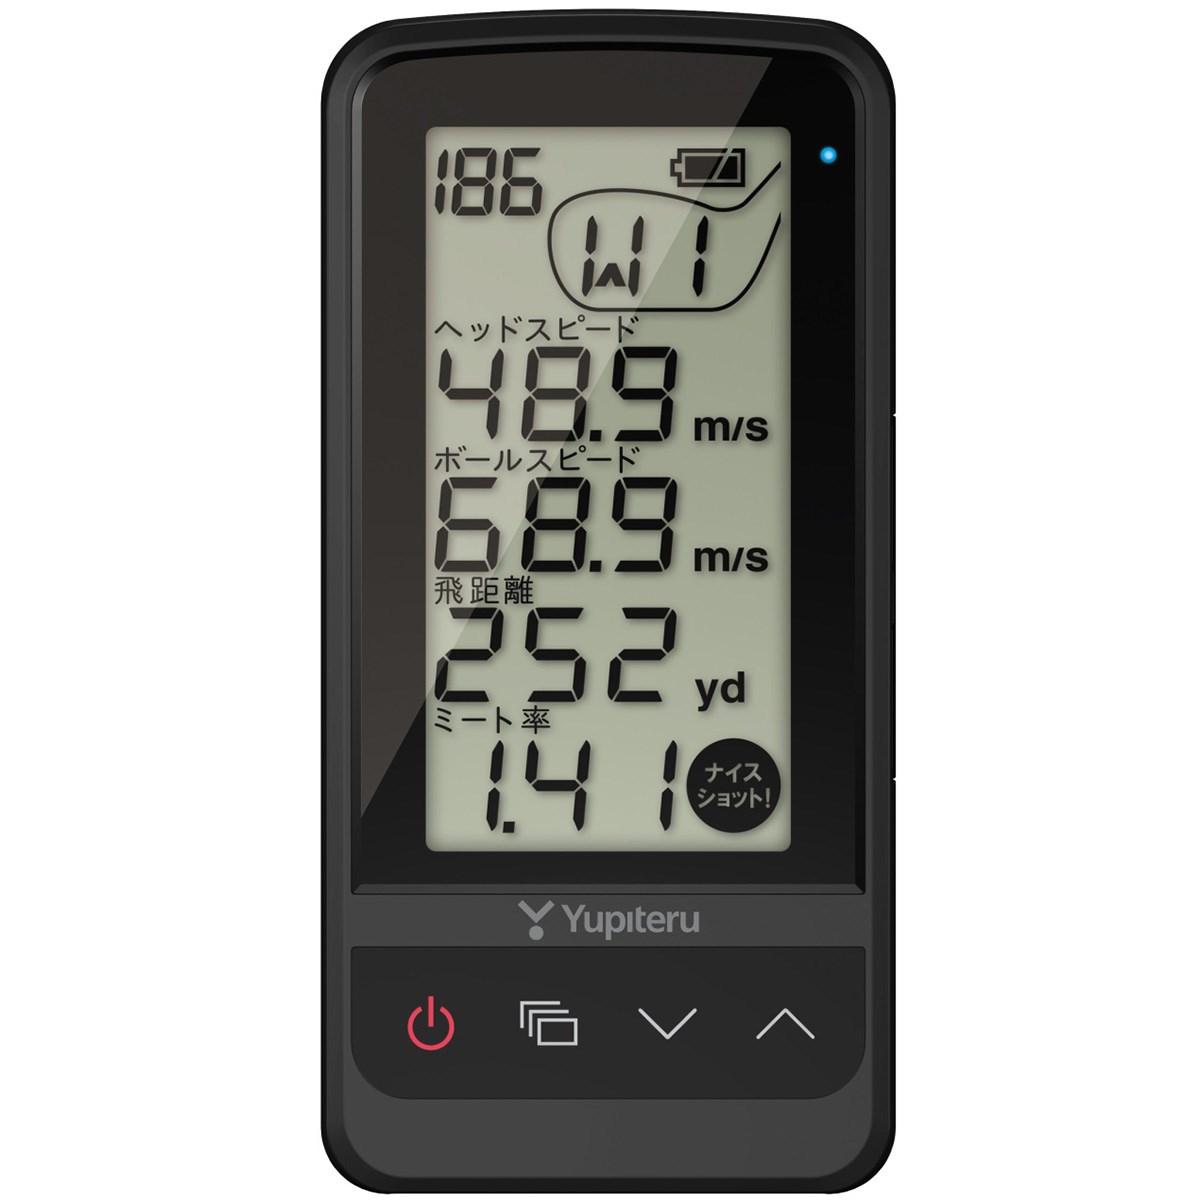 ユピテル YUPITERU ゴルフスイングトレーナー GST-7 BLE[ゴルフ用品 ゴルフ 距離測定器 gdo]